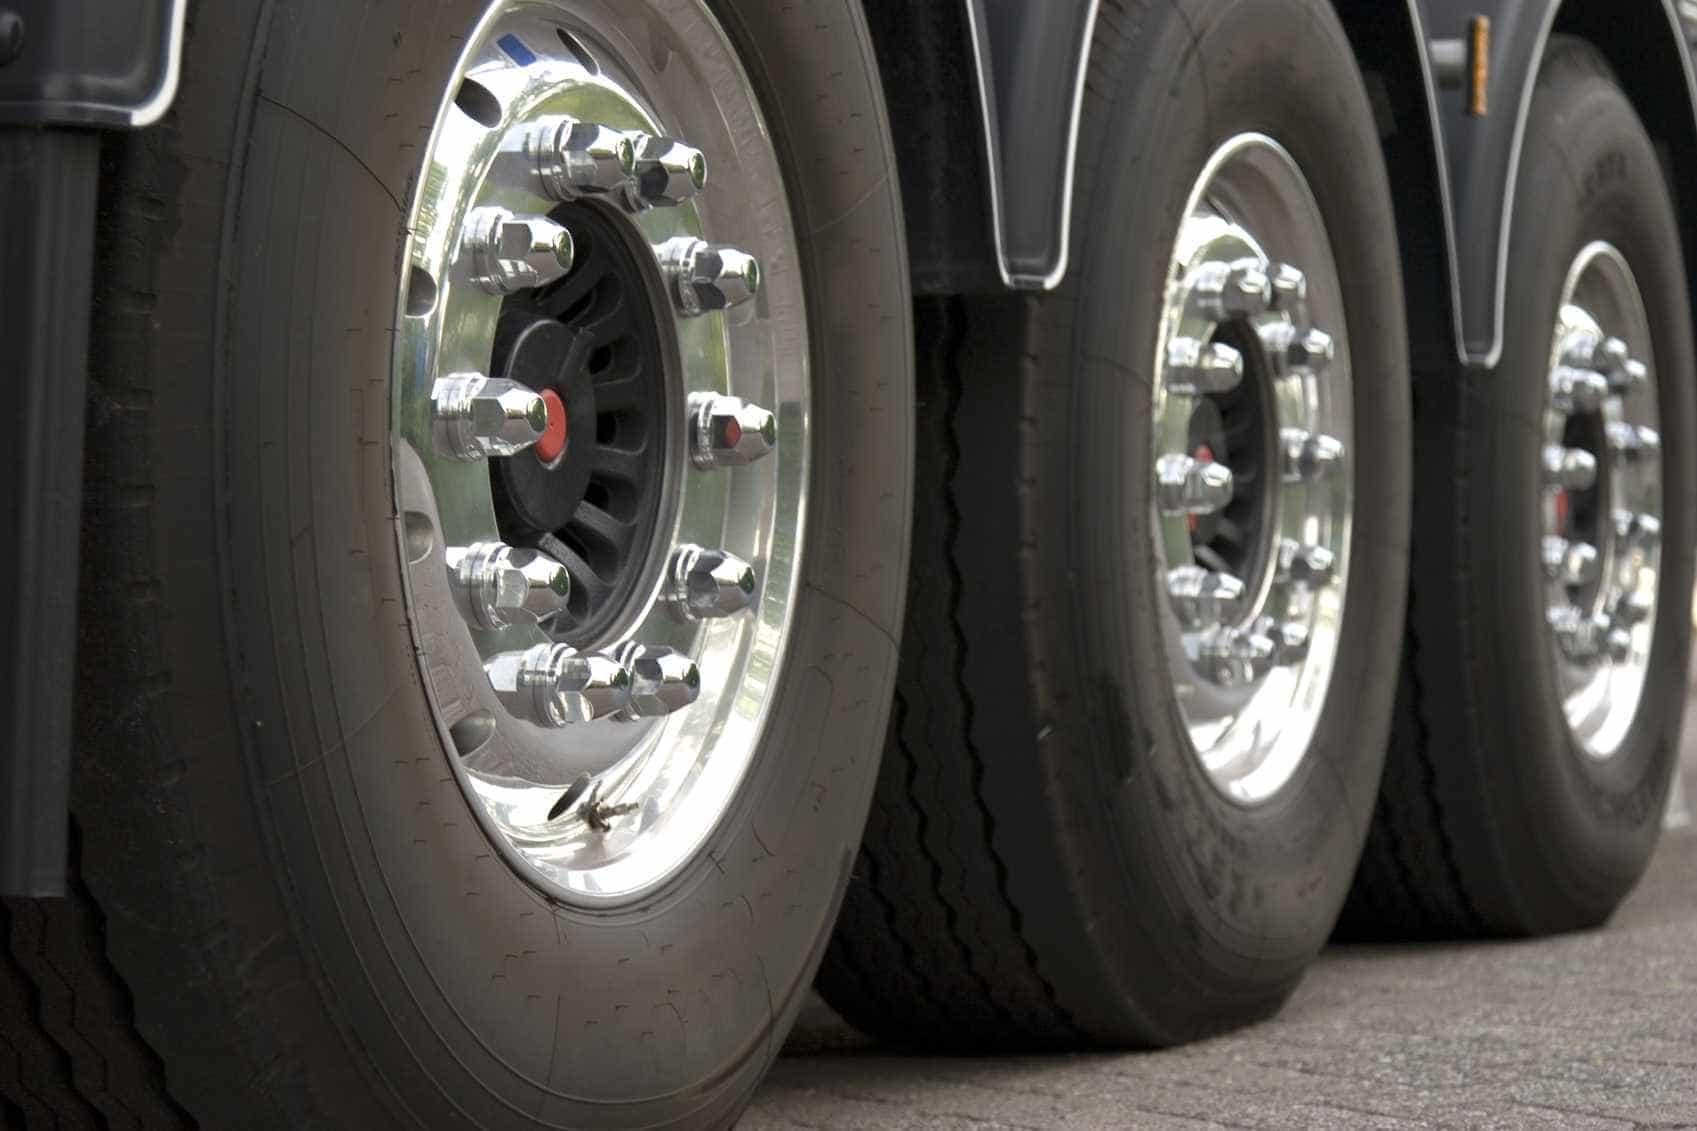 Motoristas de matérias perigosas: Governo recorre a requisição civil